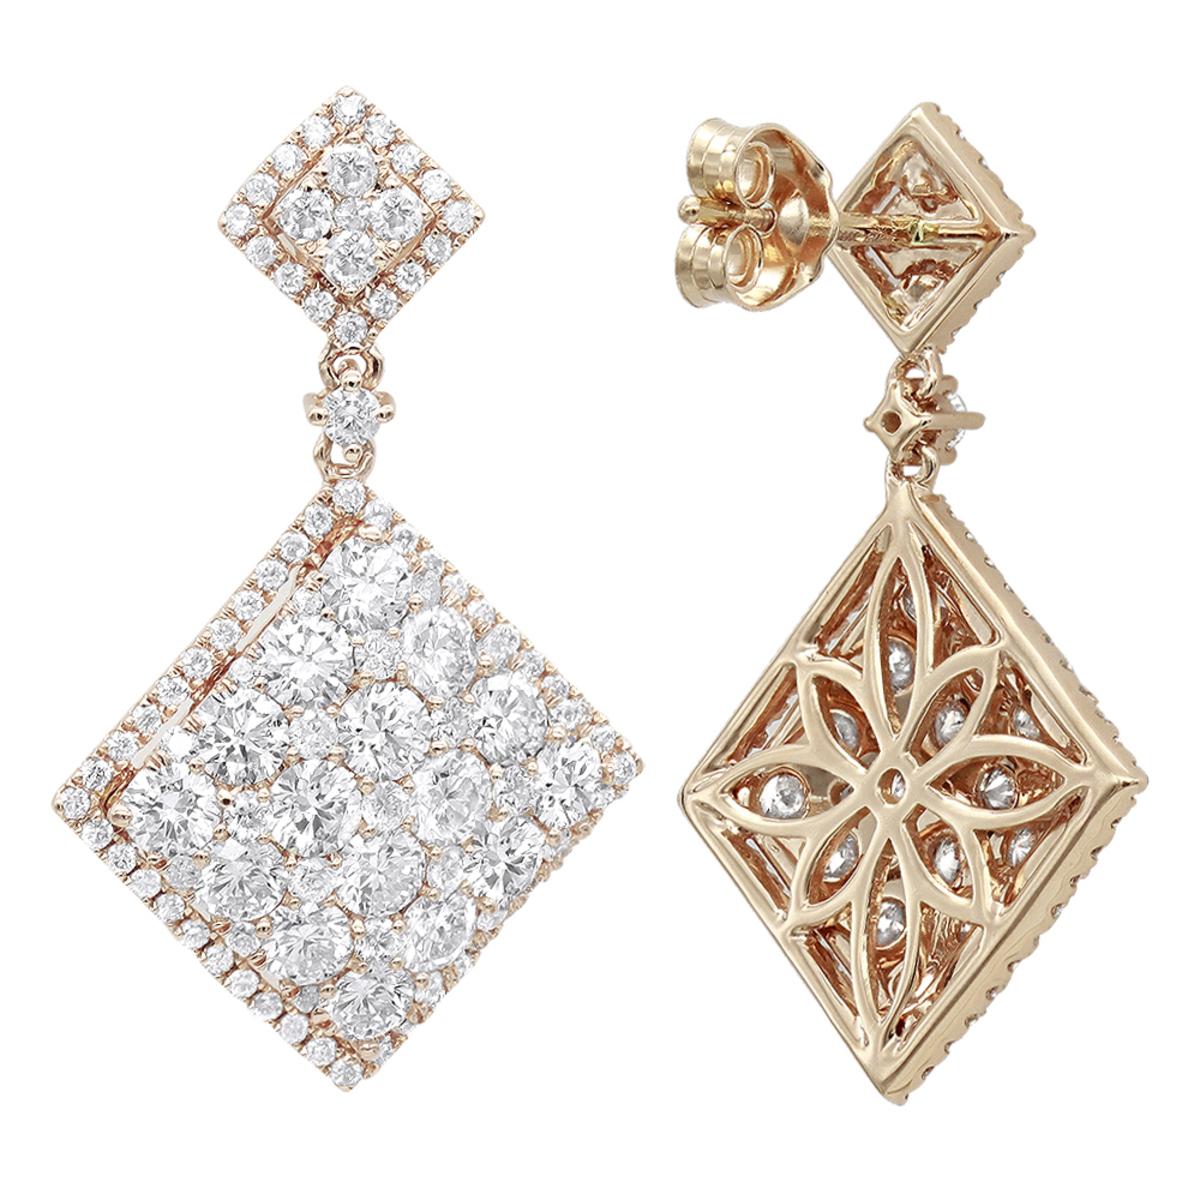 Luxurman Designer Square Diamond Drop Earrings for Women 4 Carat 14k Gold